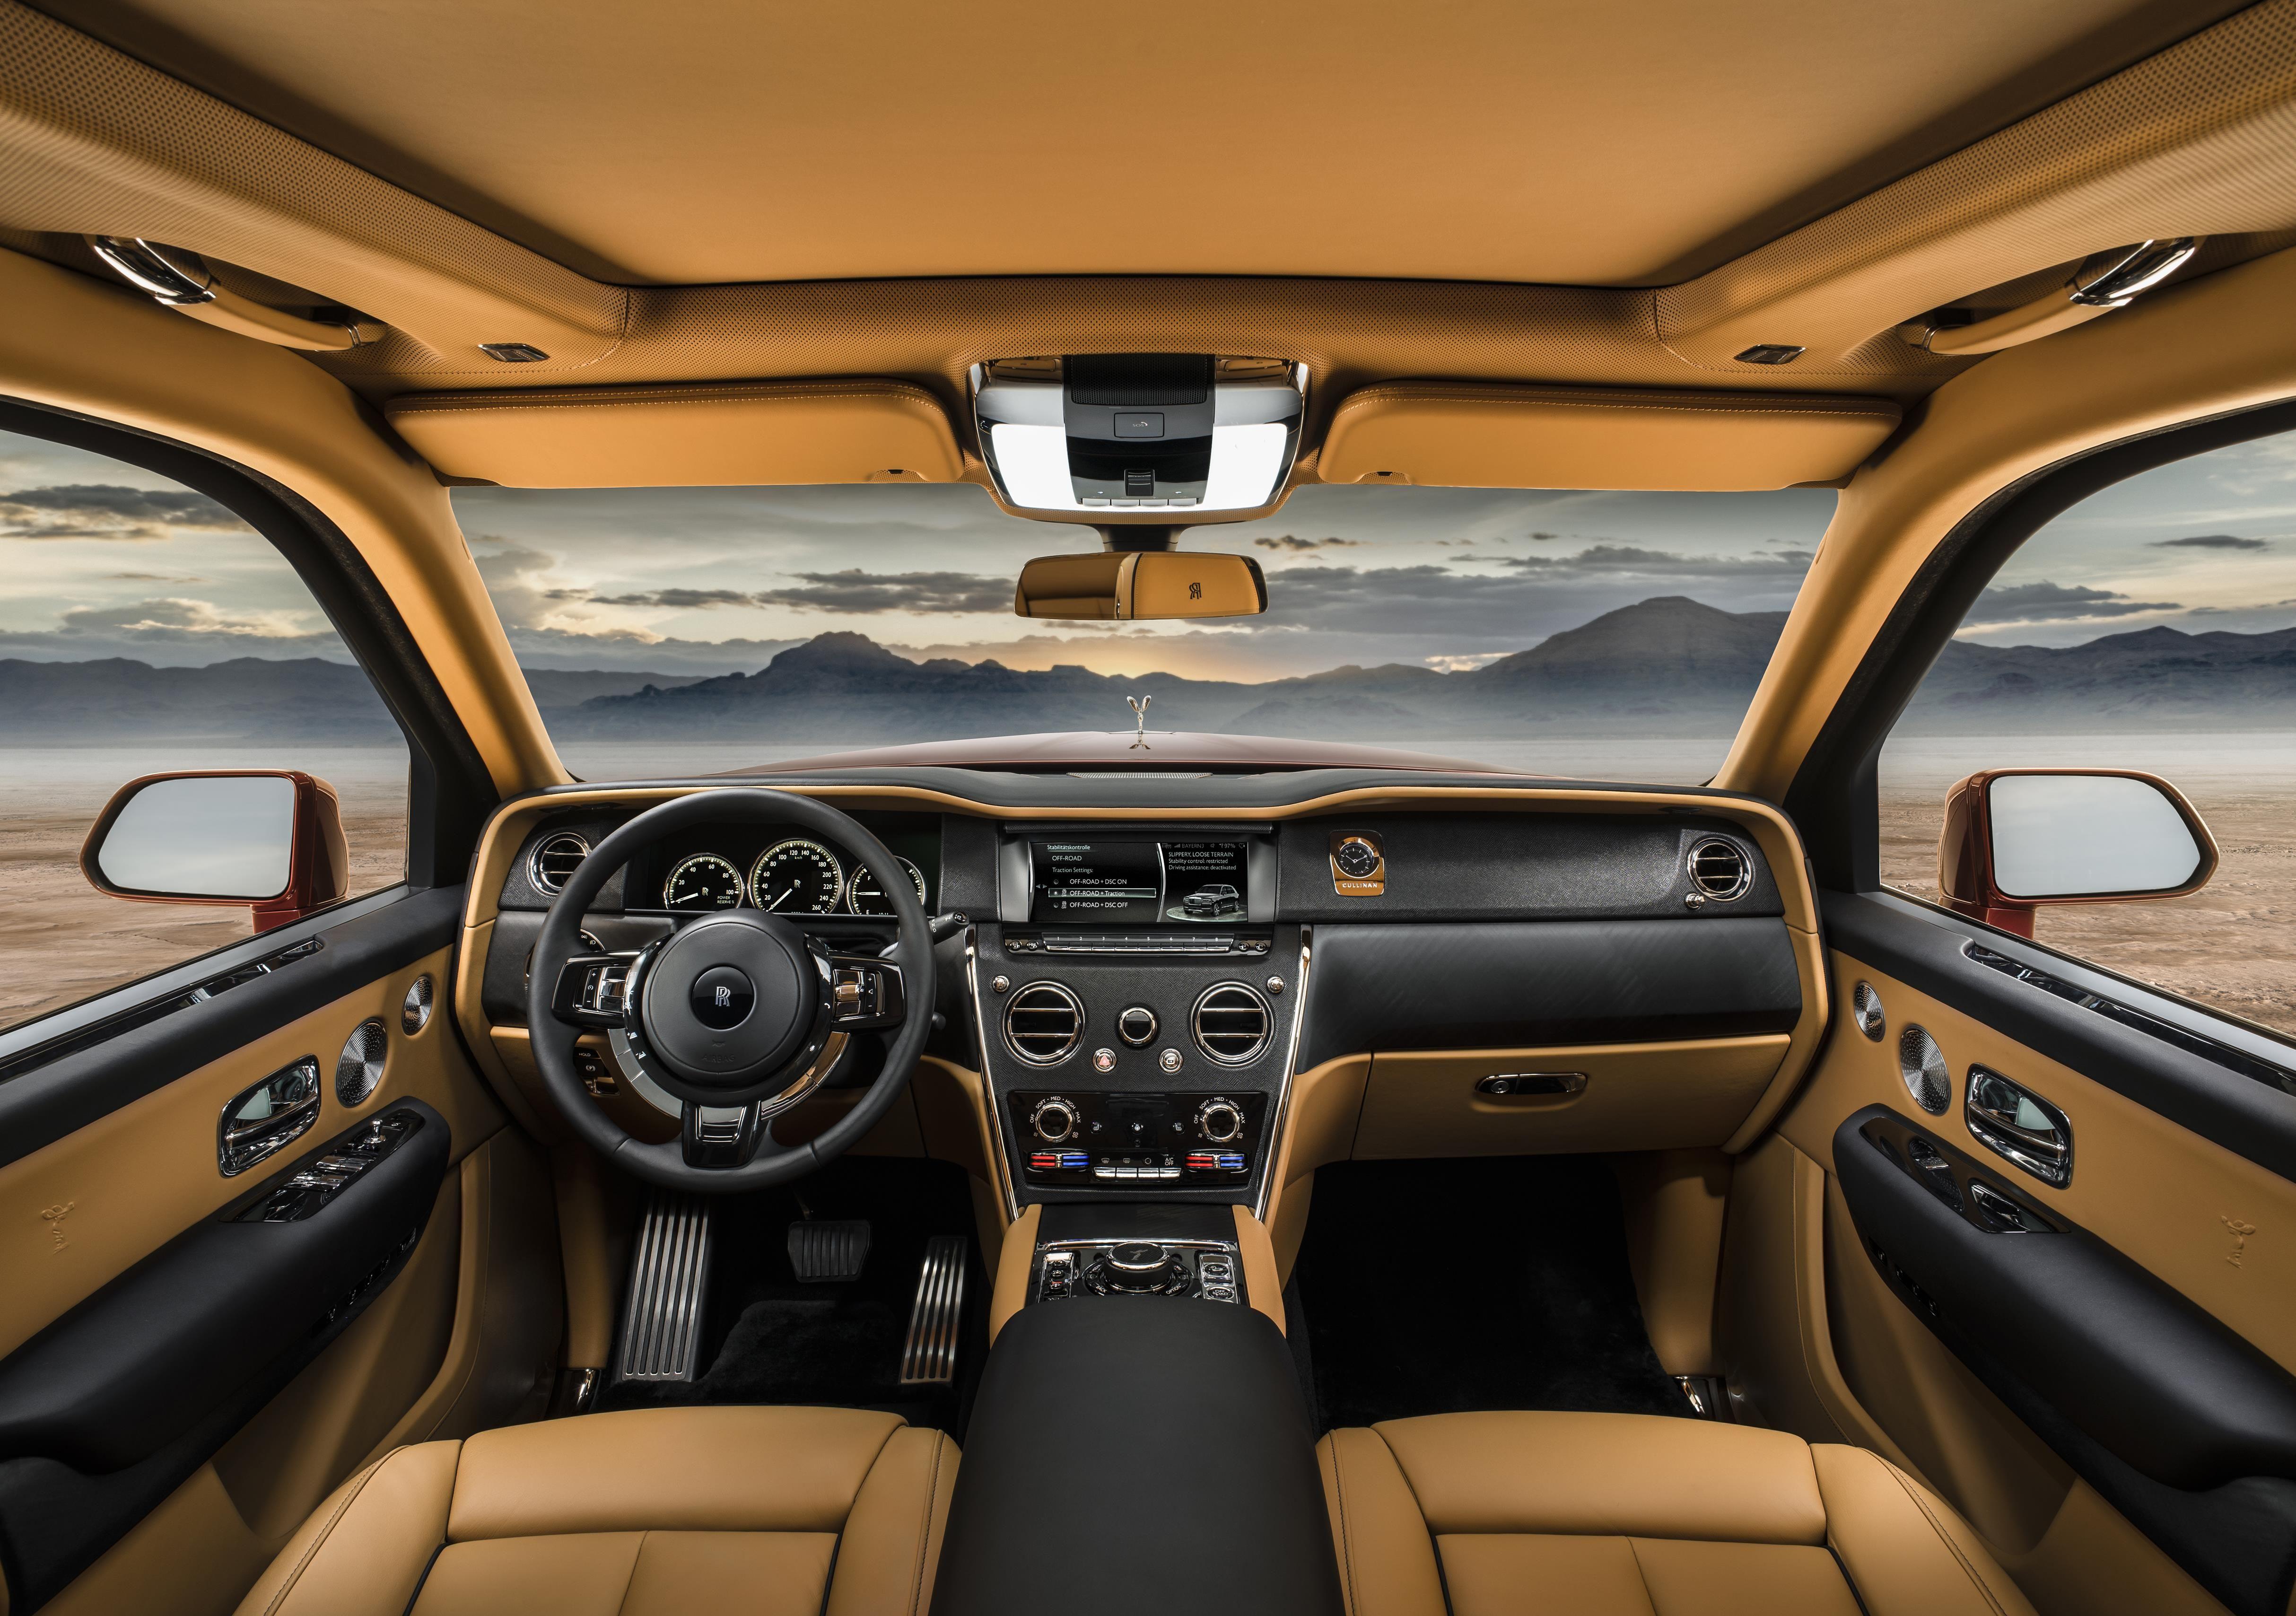 cullinan mr interior 2 1526049599 - Αυτό είναι το πρώτο SUV της Rolls-Royce